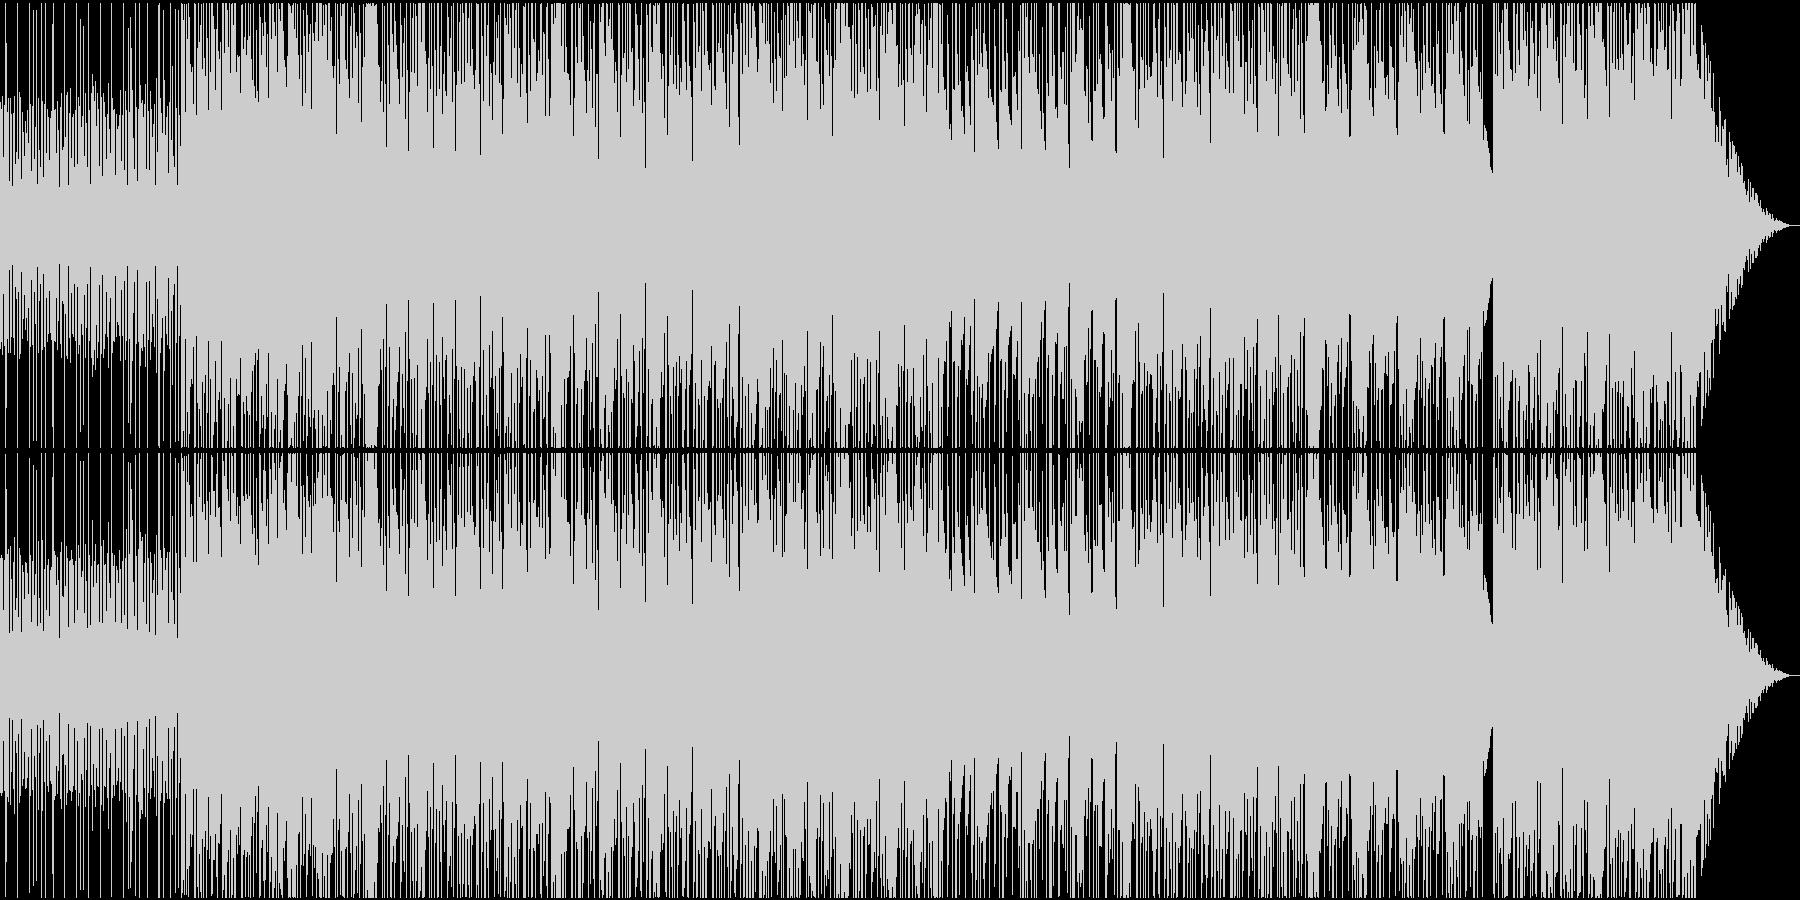 軽快で明るいトラップ(ヒップホップ)の未再生の波形